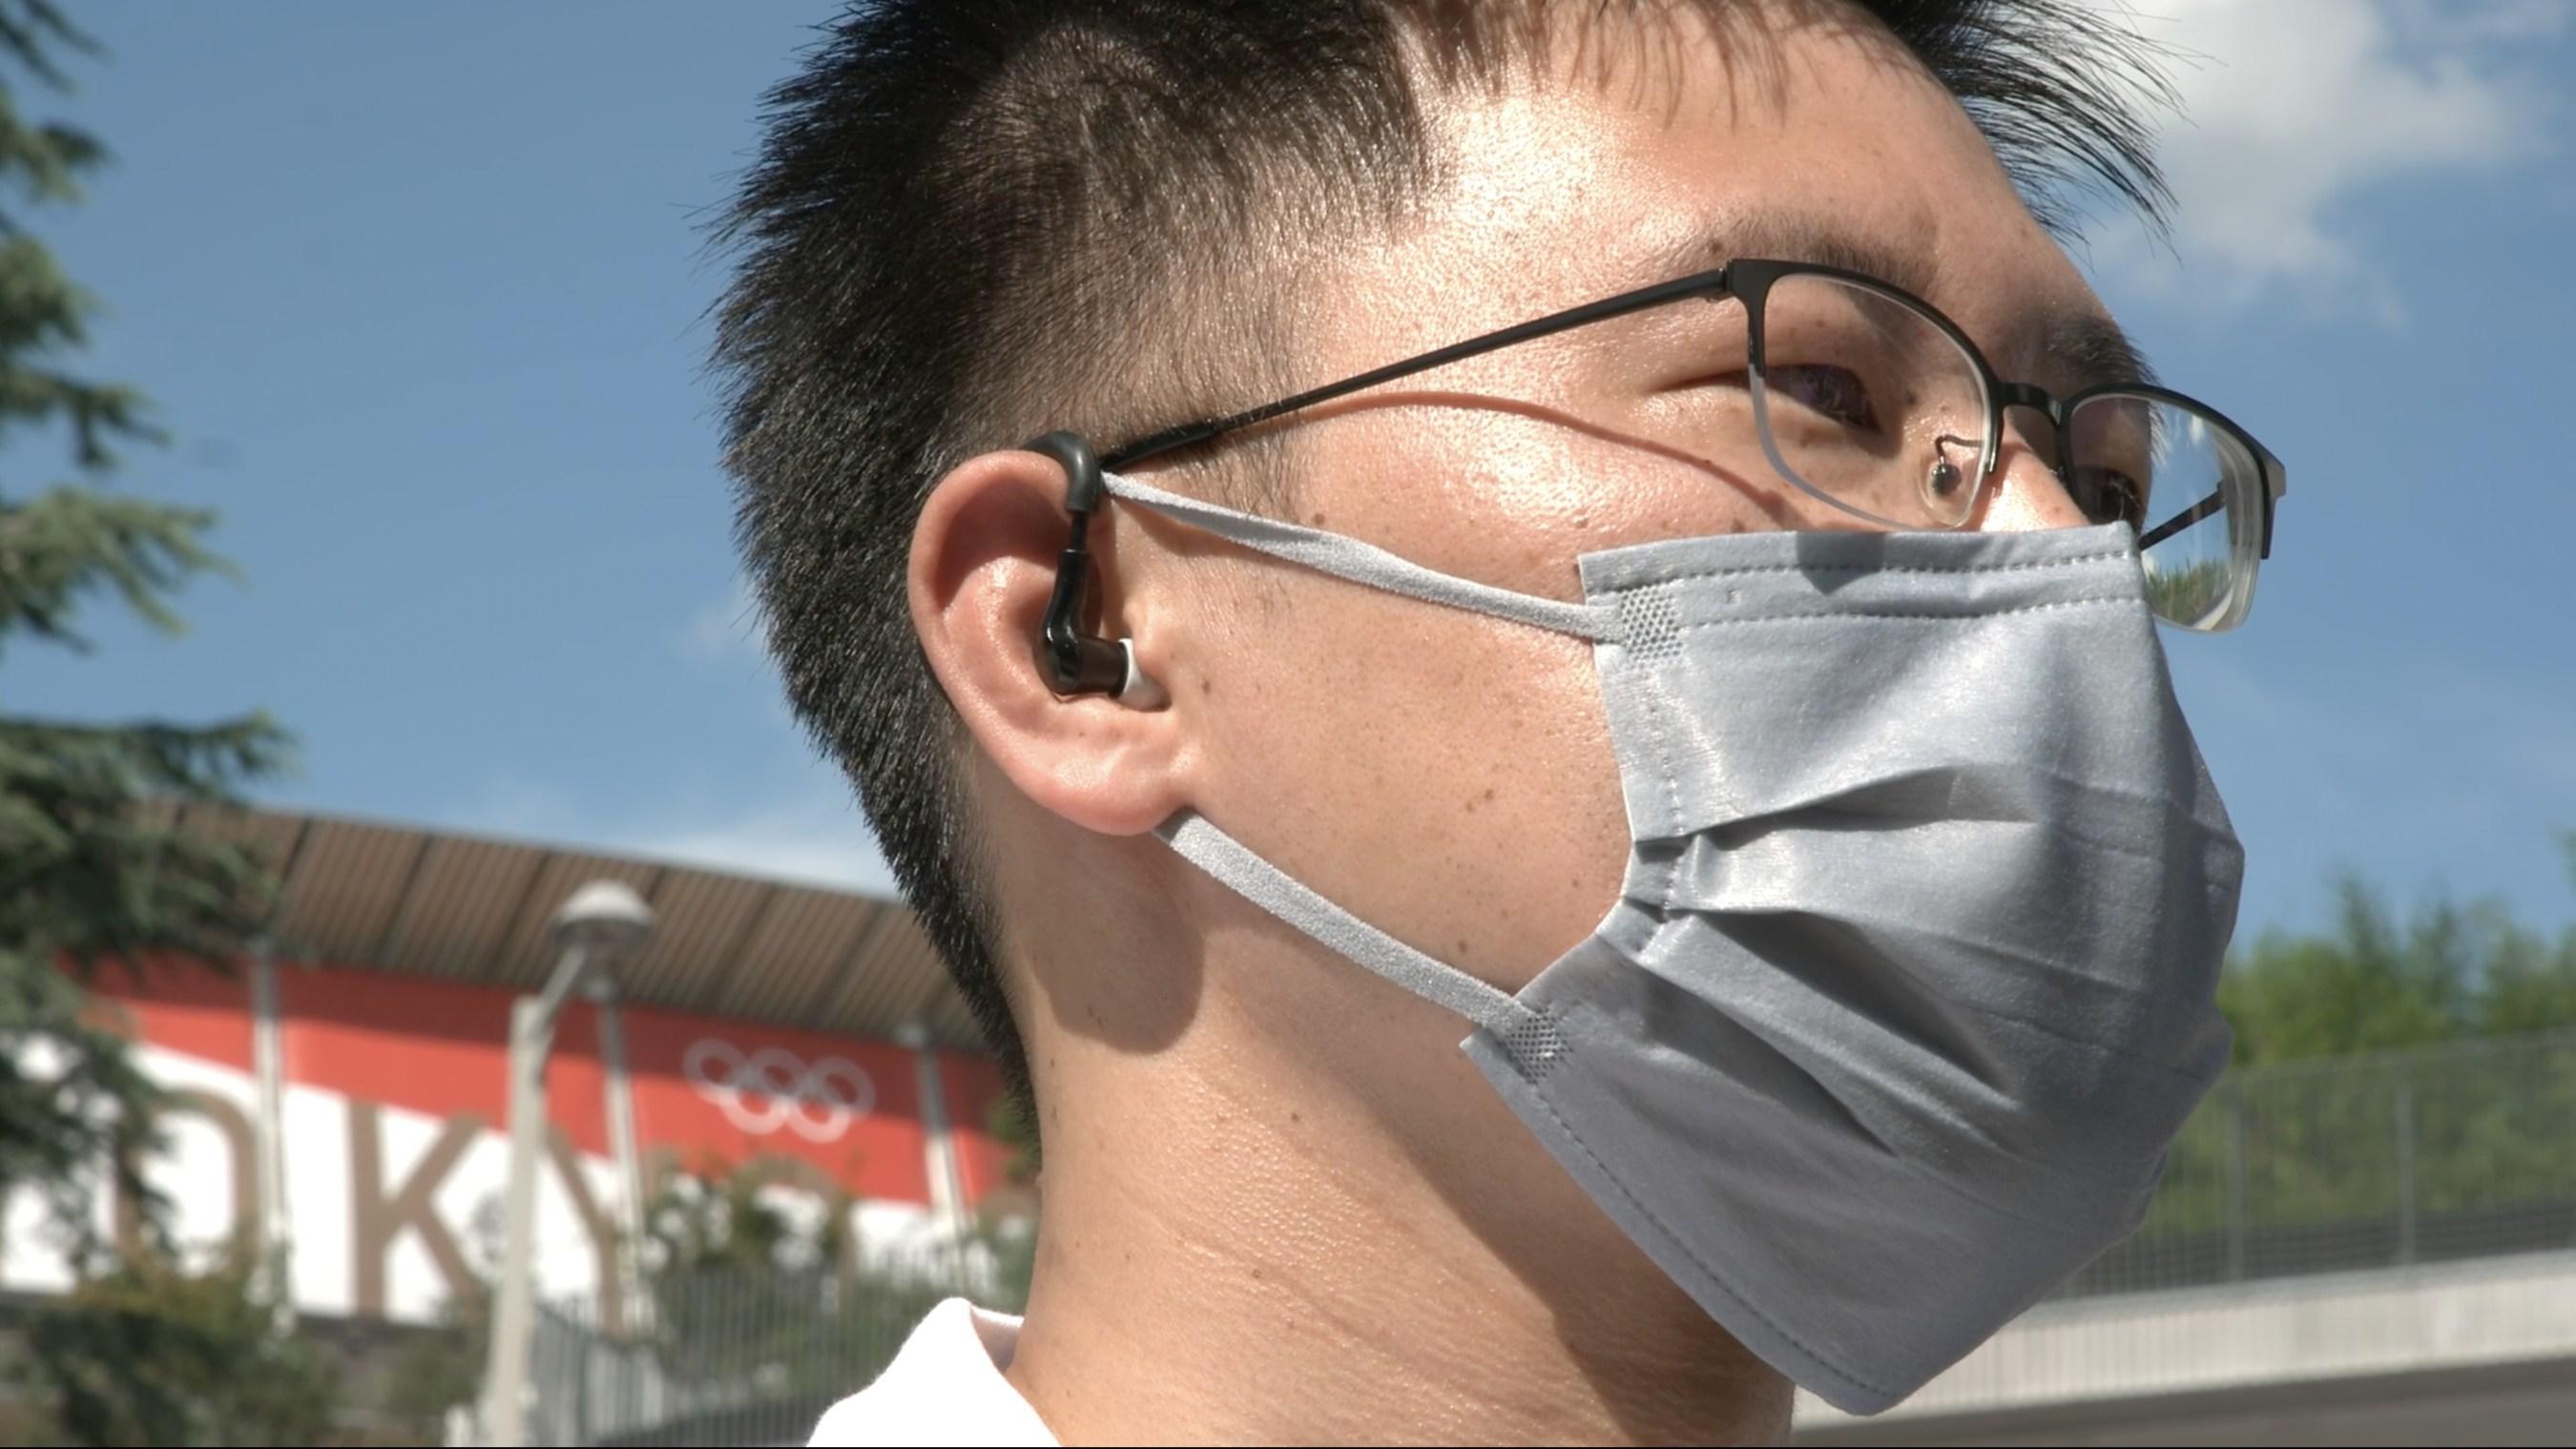 Alibaba Heatstroke prevention tech